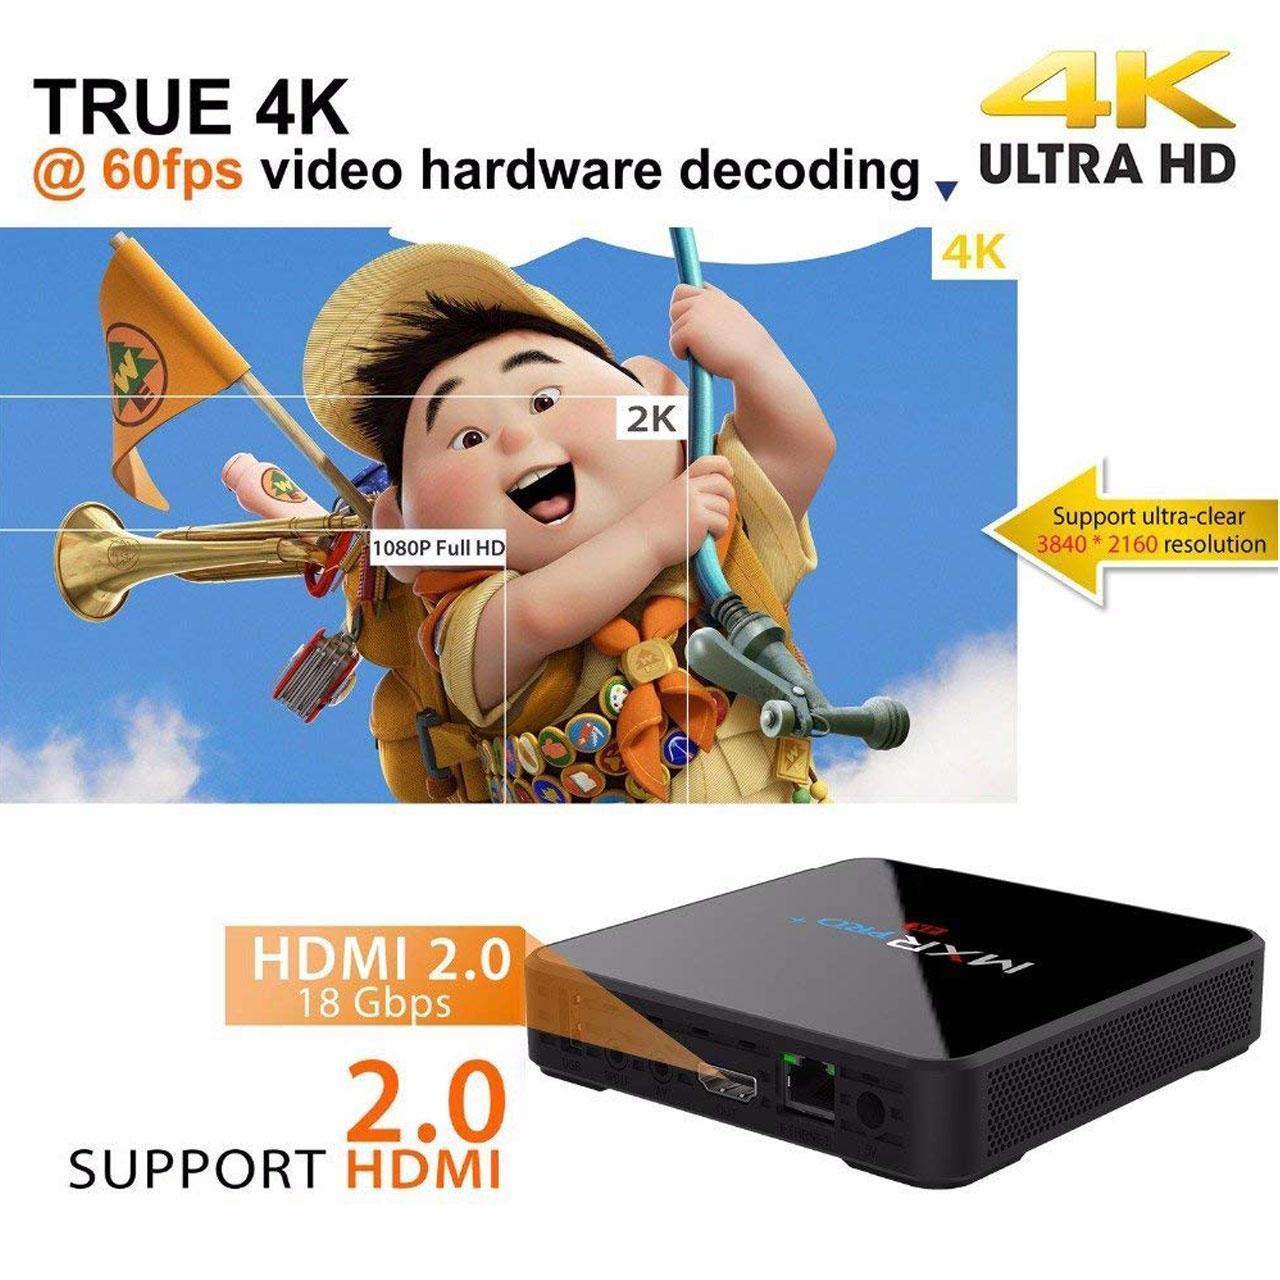 مینی کامپیوتر اندروید MXR Pro 4K